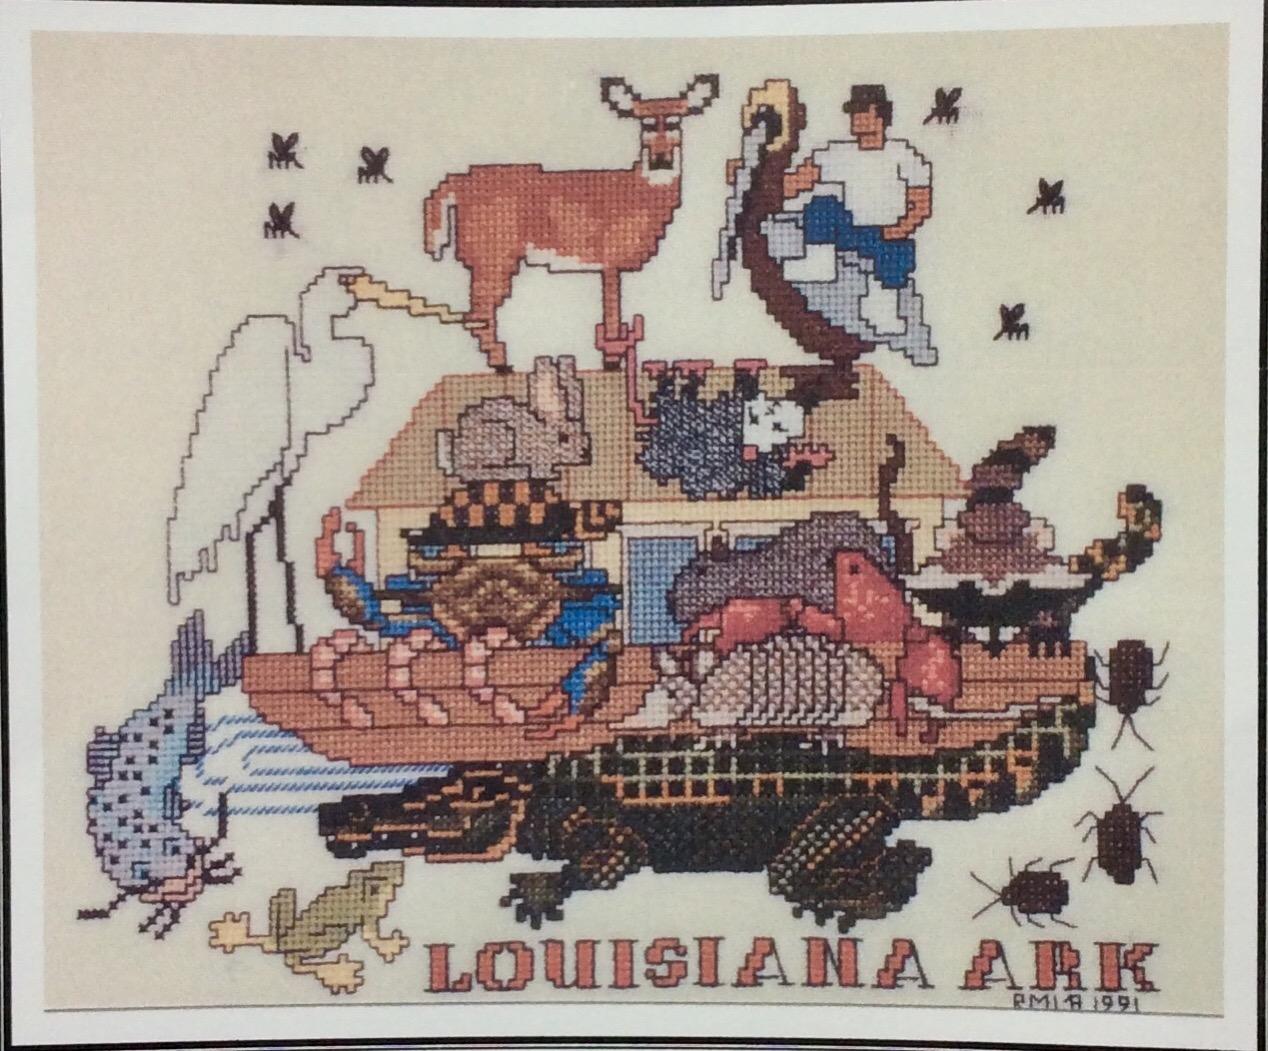 Louisiana Ark